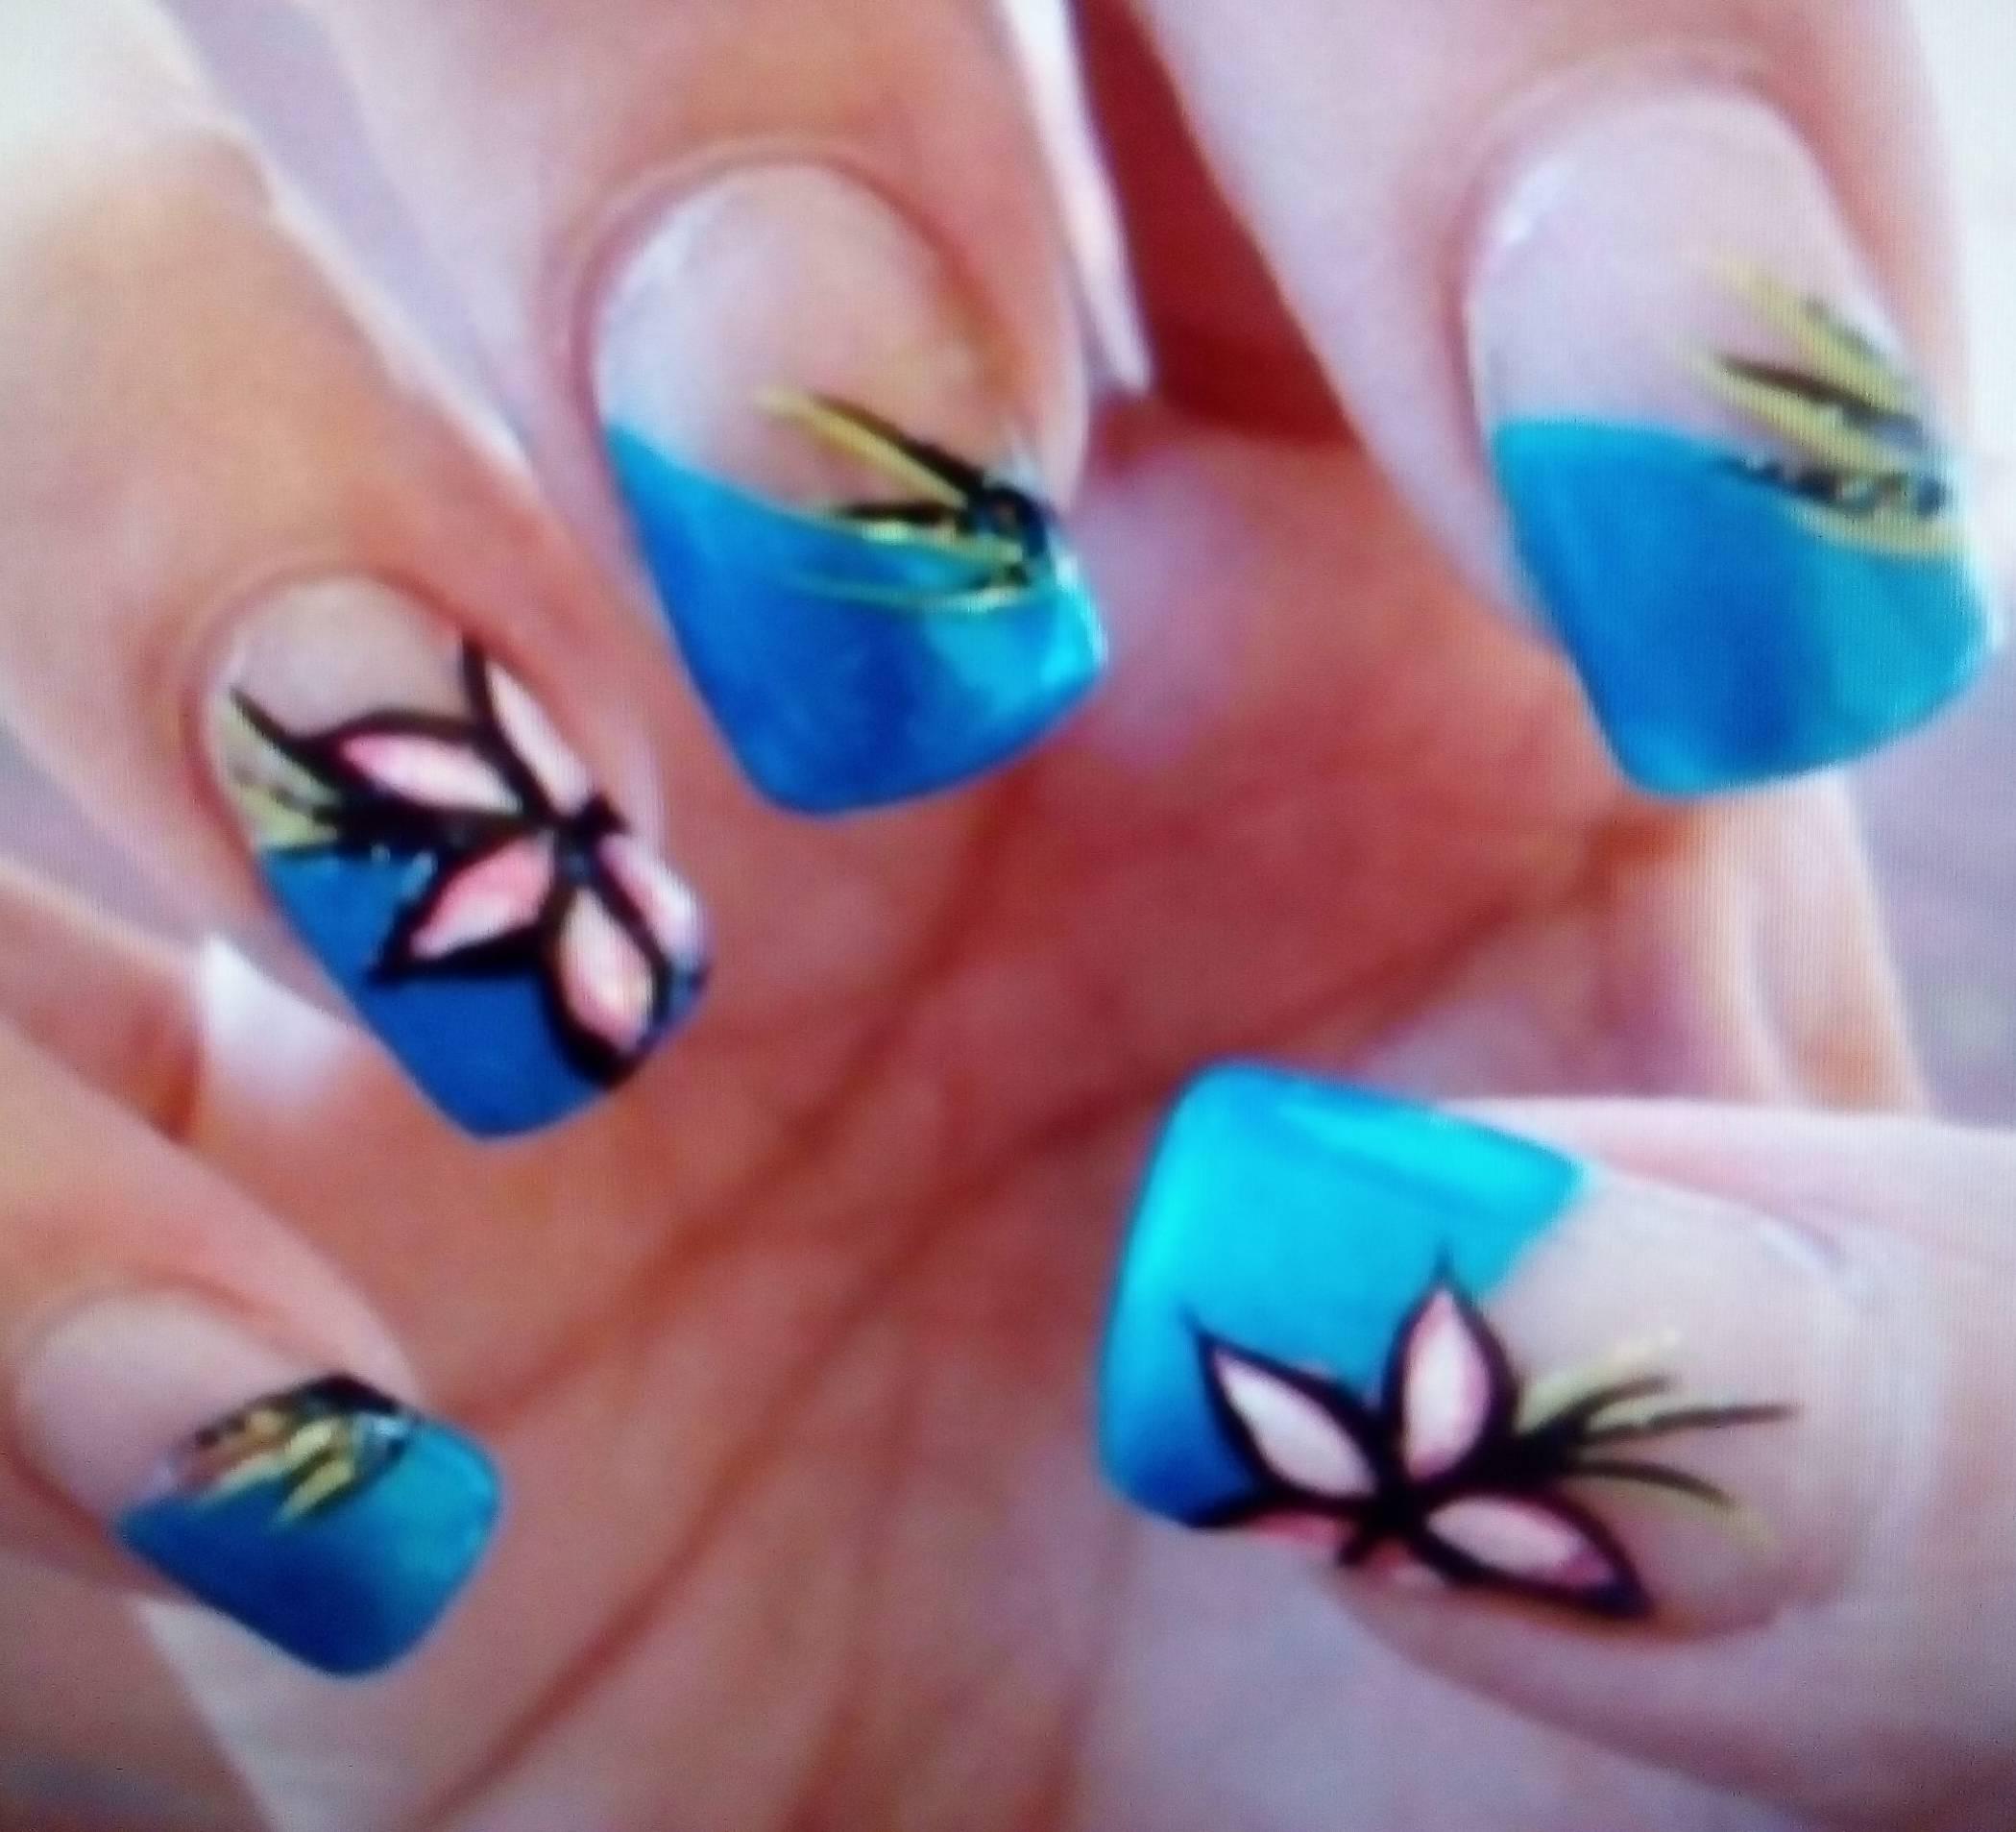 Цветы и ярко-голубой френч в маникюре